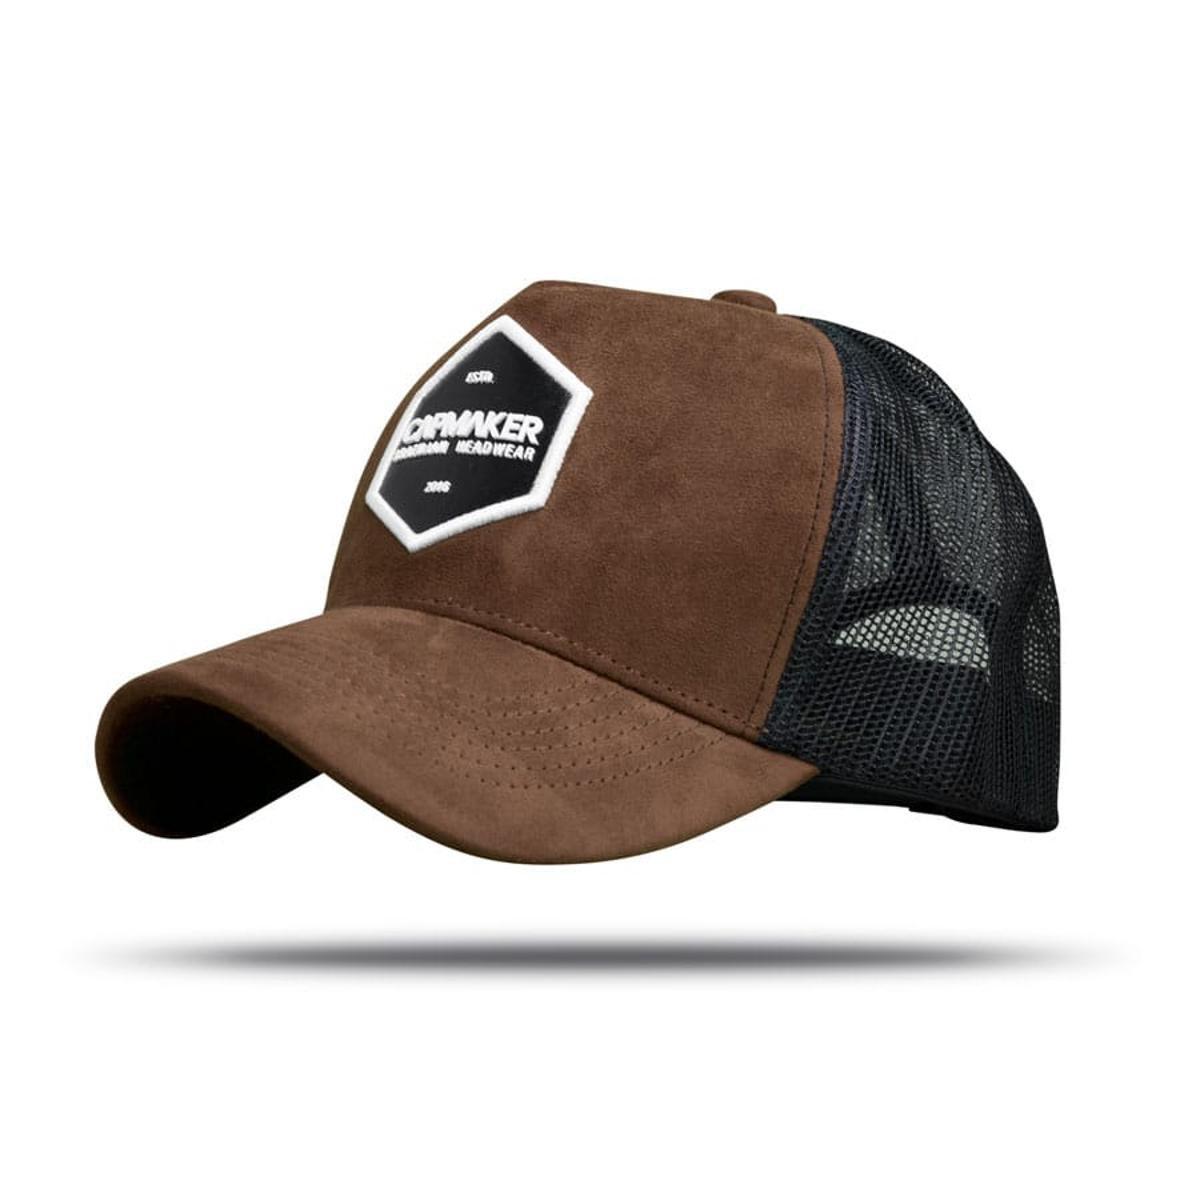 857079c689 Boné Trucker Texas CapMaker - Compre Agora